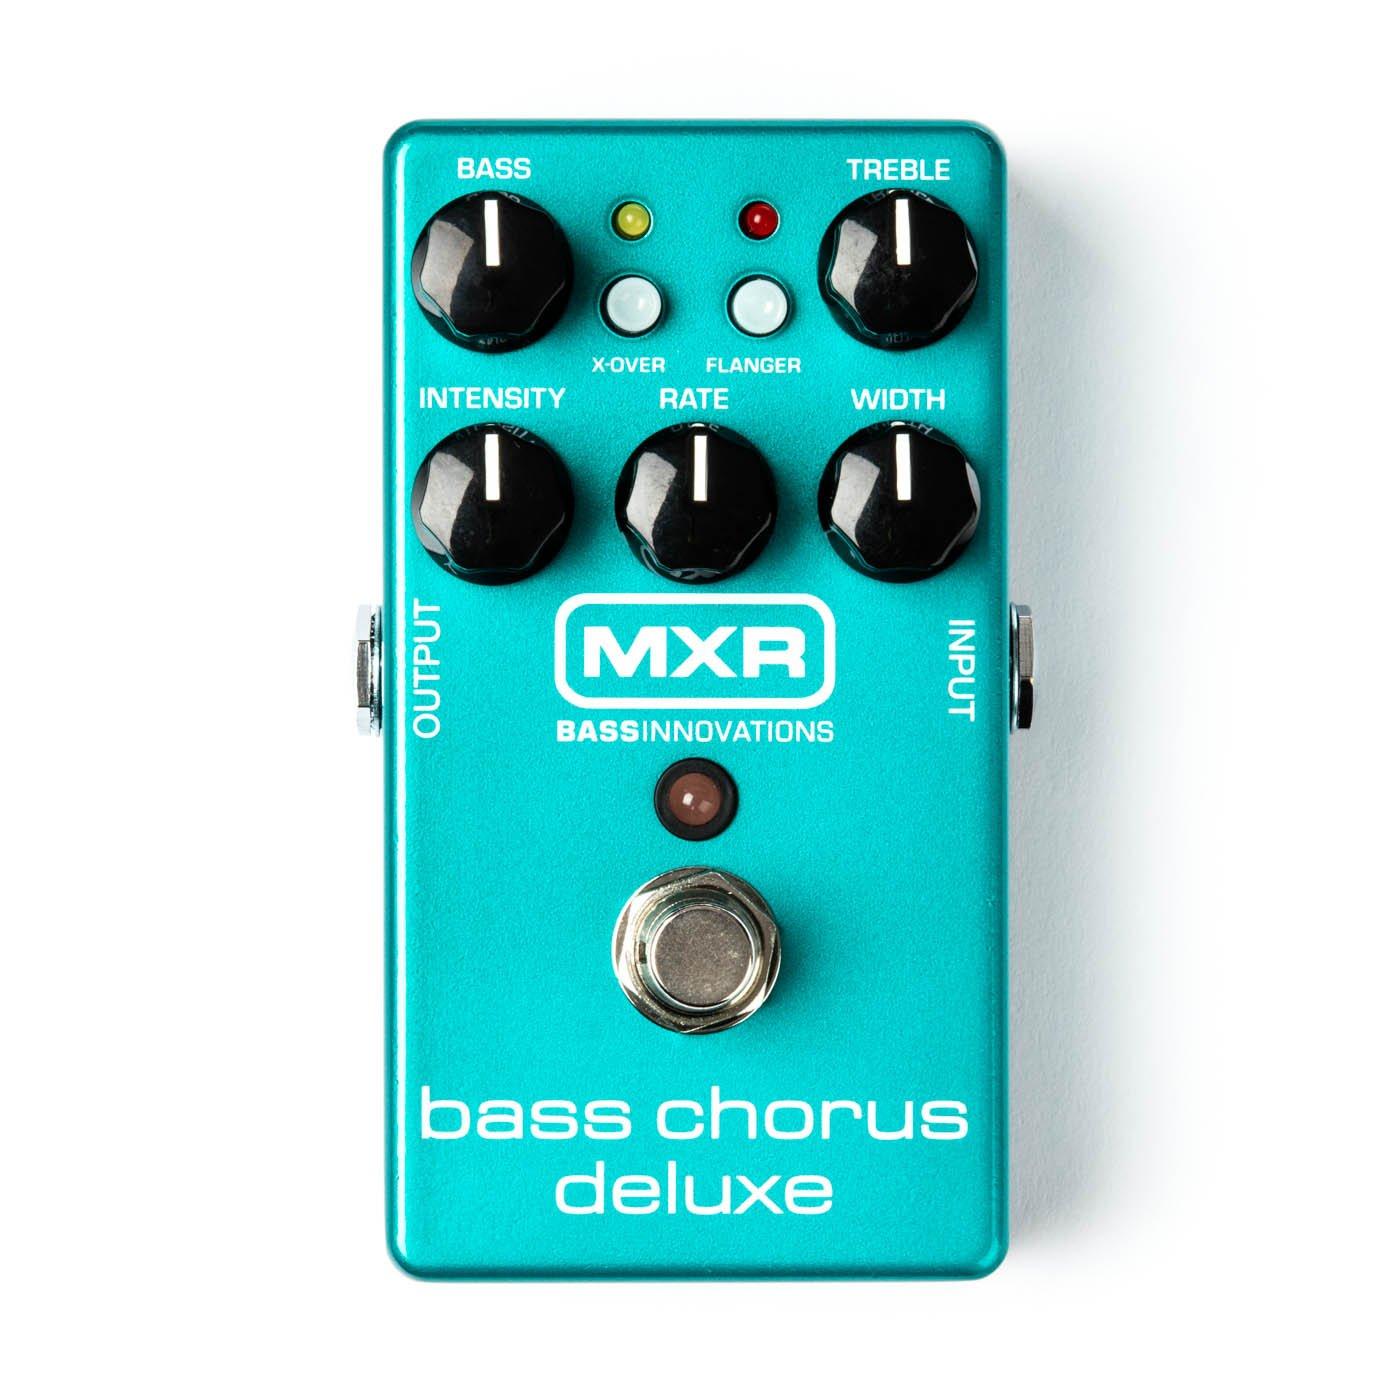 MXR Bass Chorus Deluxe M83